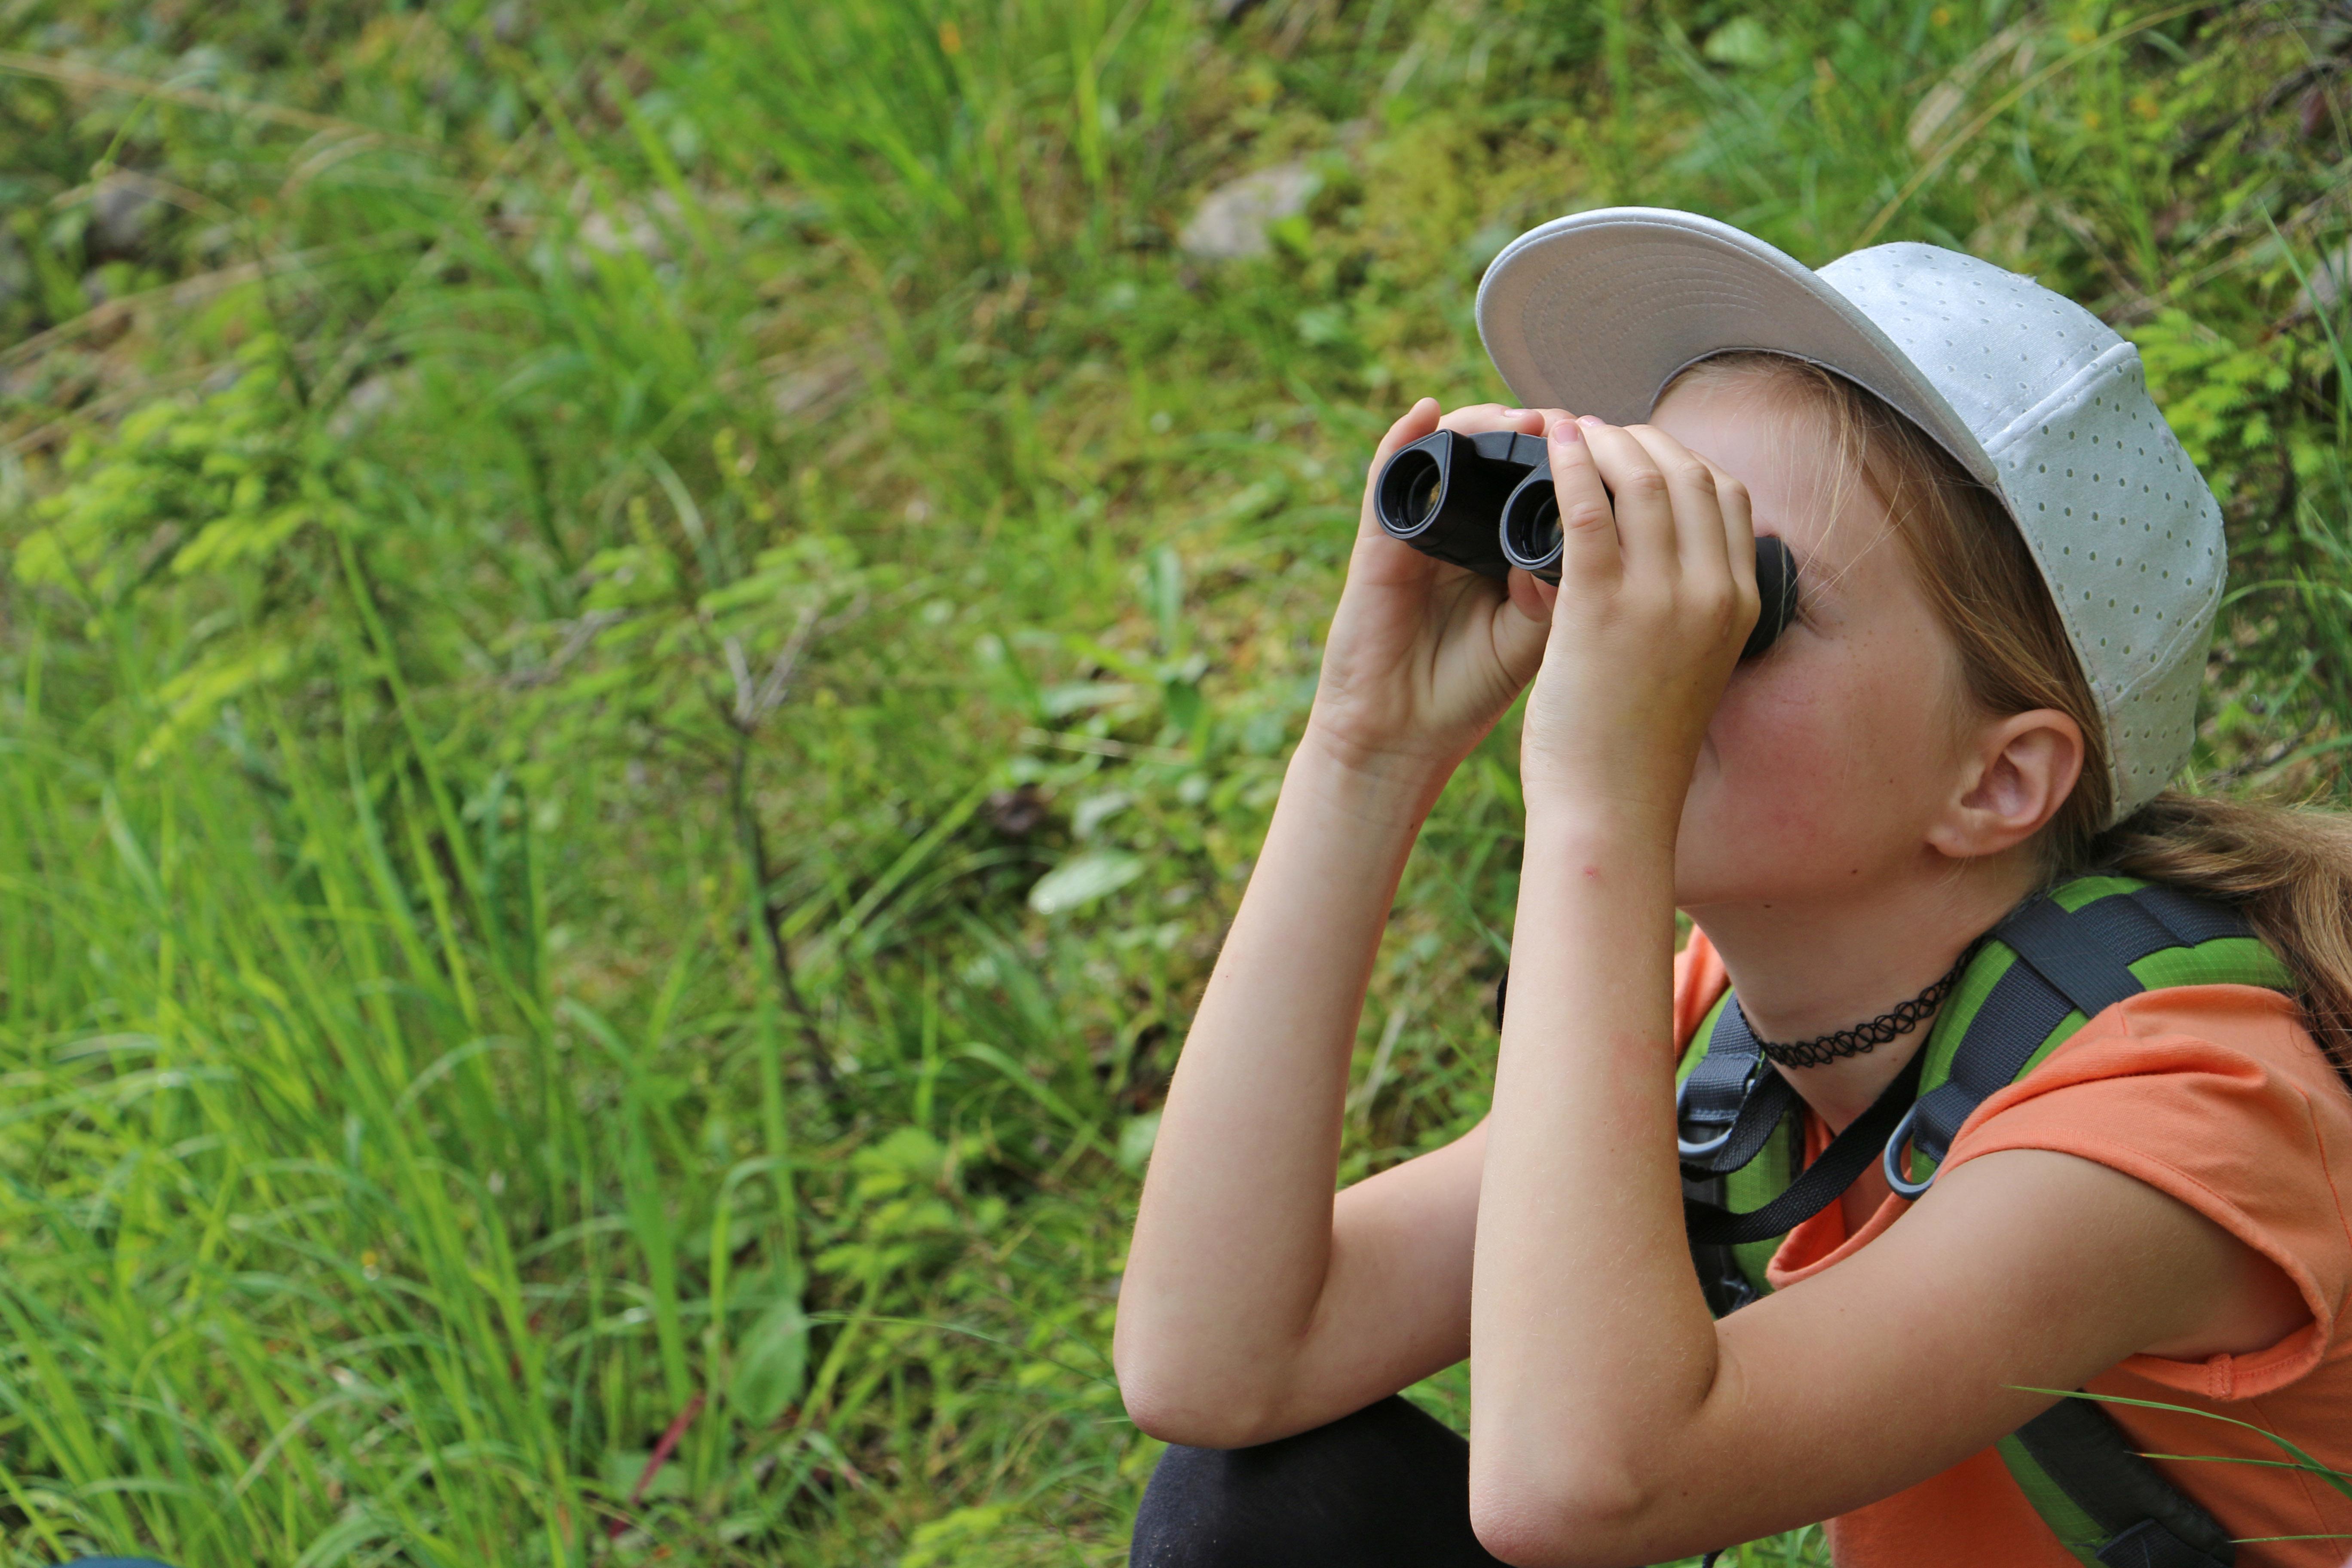 Alpentiere durch ein Fernglas beobachten